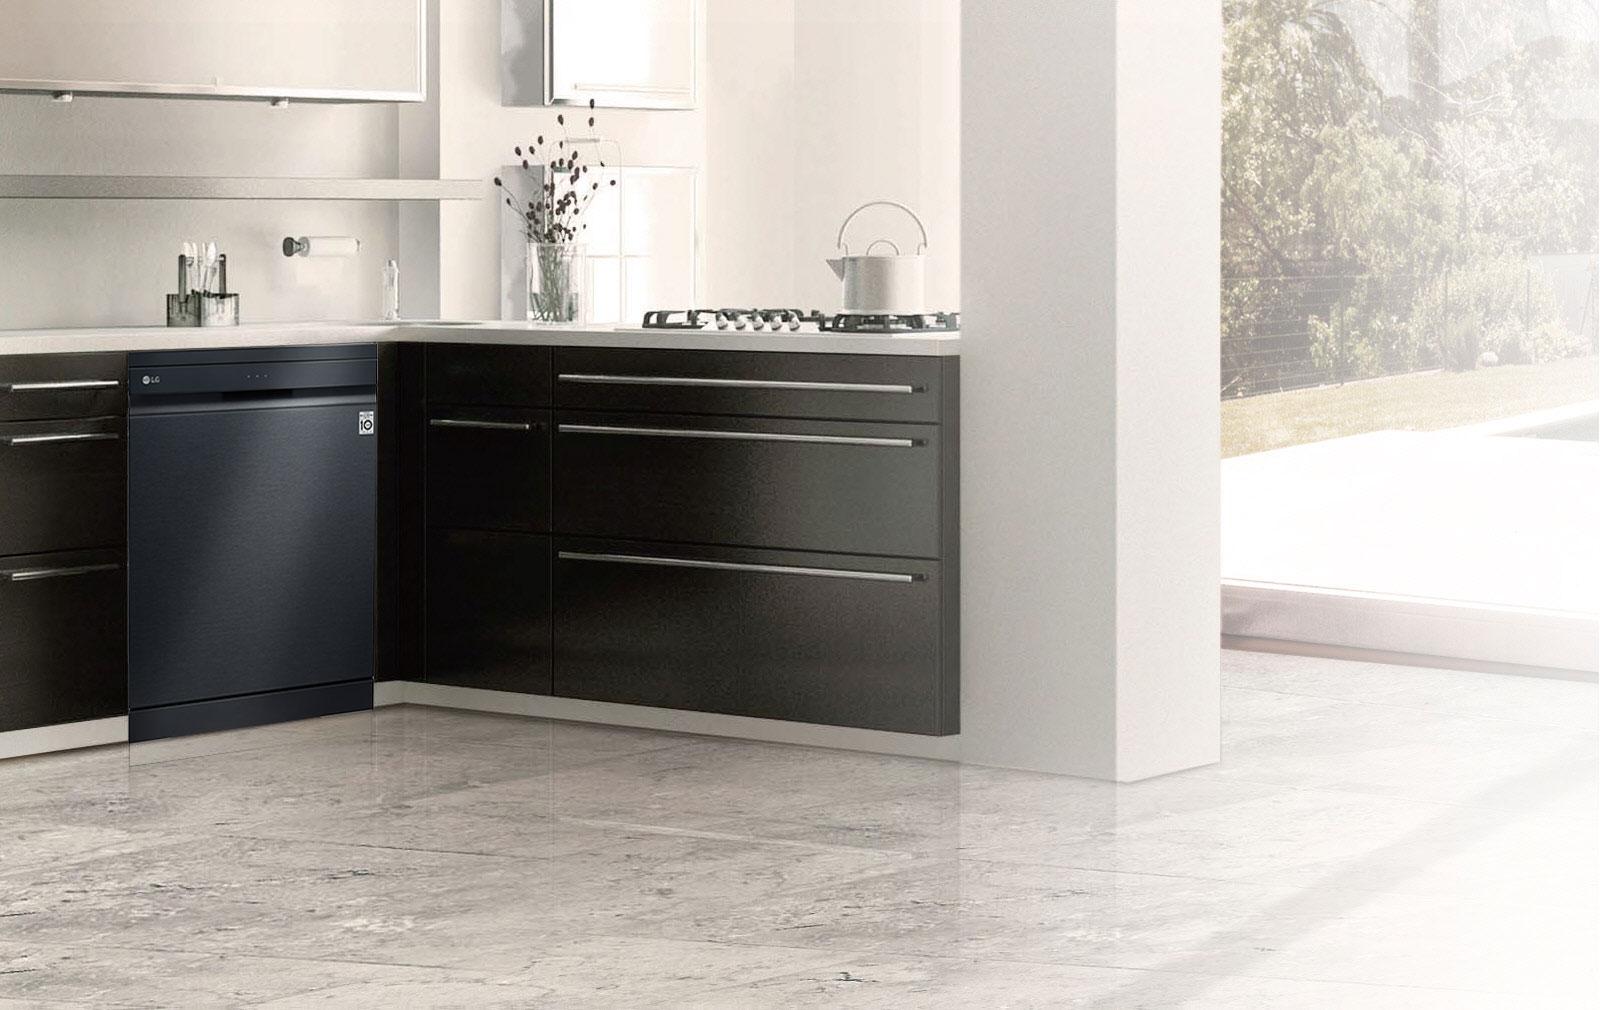 Υψηλή αισθητική και απόδοση από το νέο πλυντήριο πιάτων με ατμό και τεχνολογία QuadWash της LG